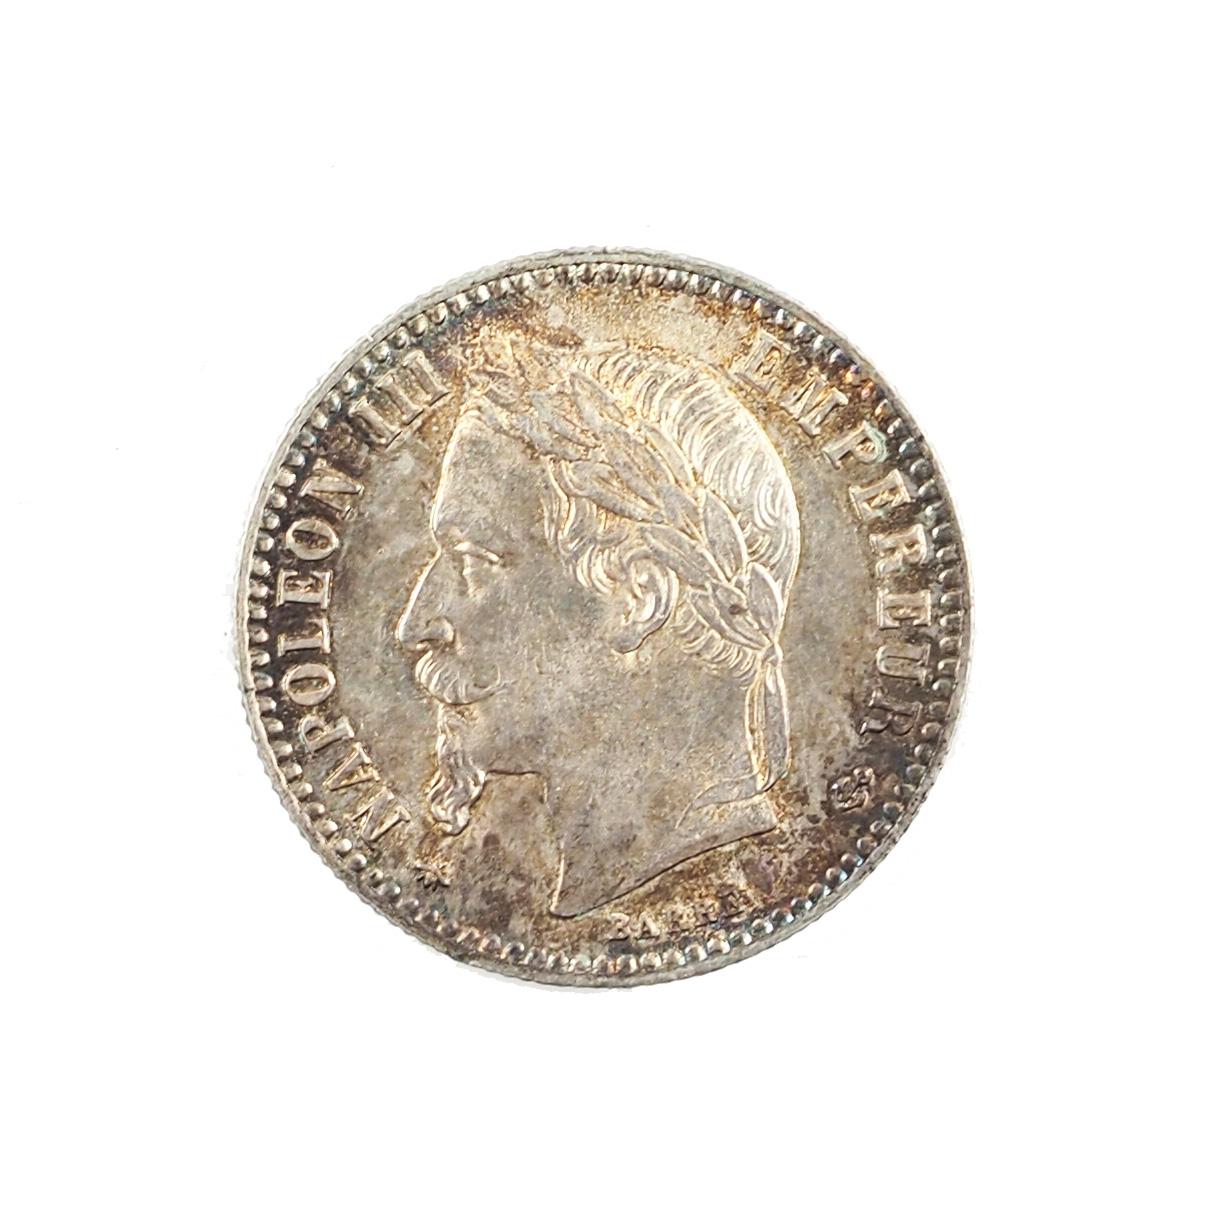 Napoleon III, 50 centimes 1868 A Paris, Argent, SUP+, Patine irisée, LeFranc 188